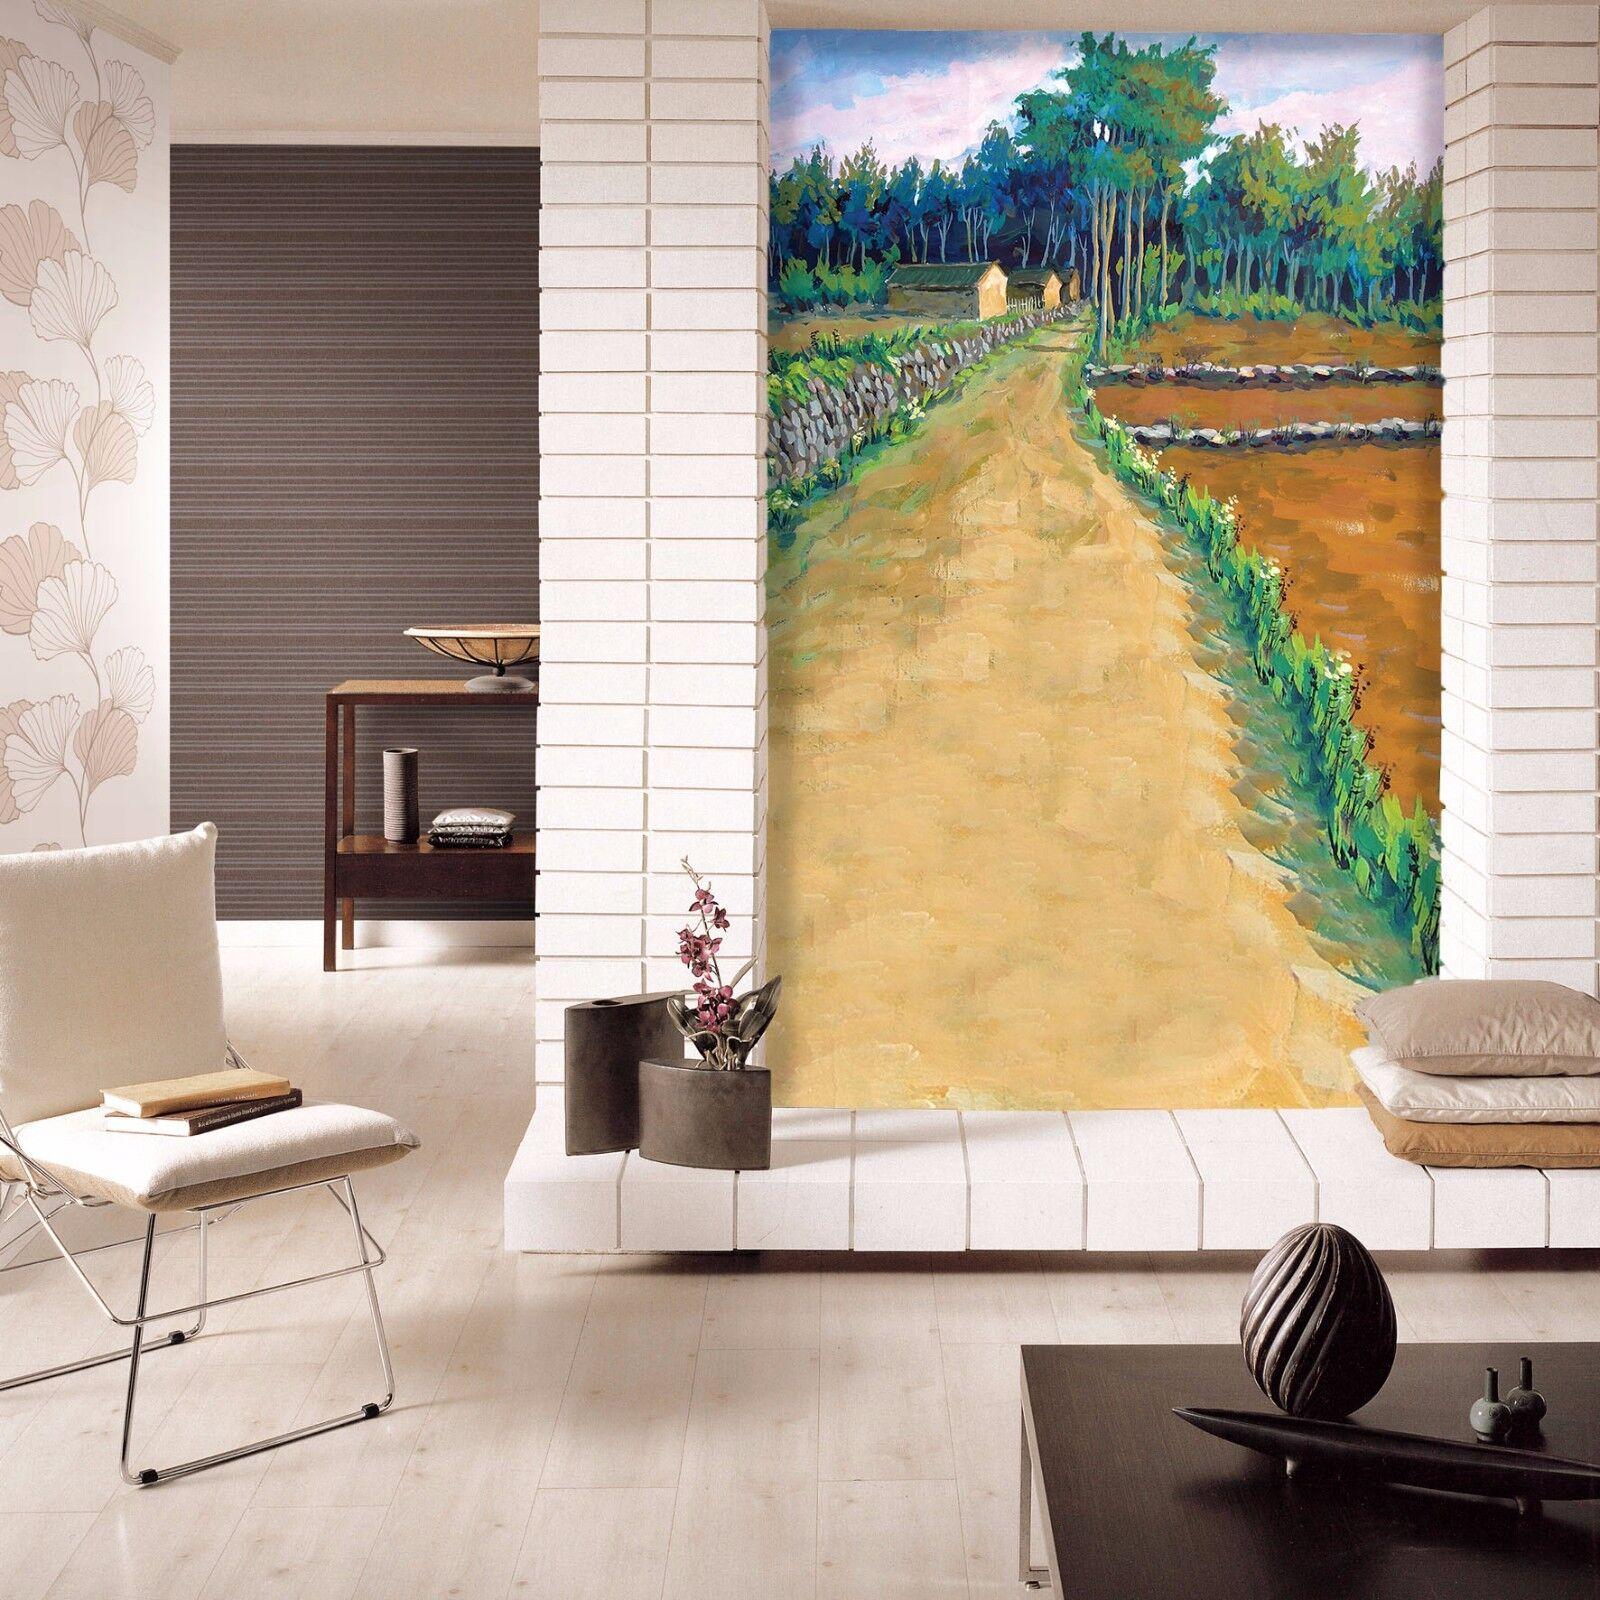 3D Felder Ölgemälde 97 Tapete Wandgemälde Tapete Tapeten Bild Bild Bild Familie DE Summer | Feinbearbeitung  |  a9ce31